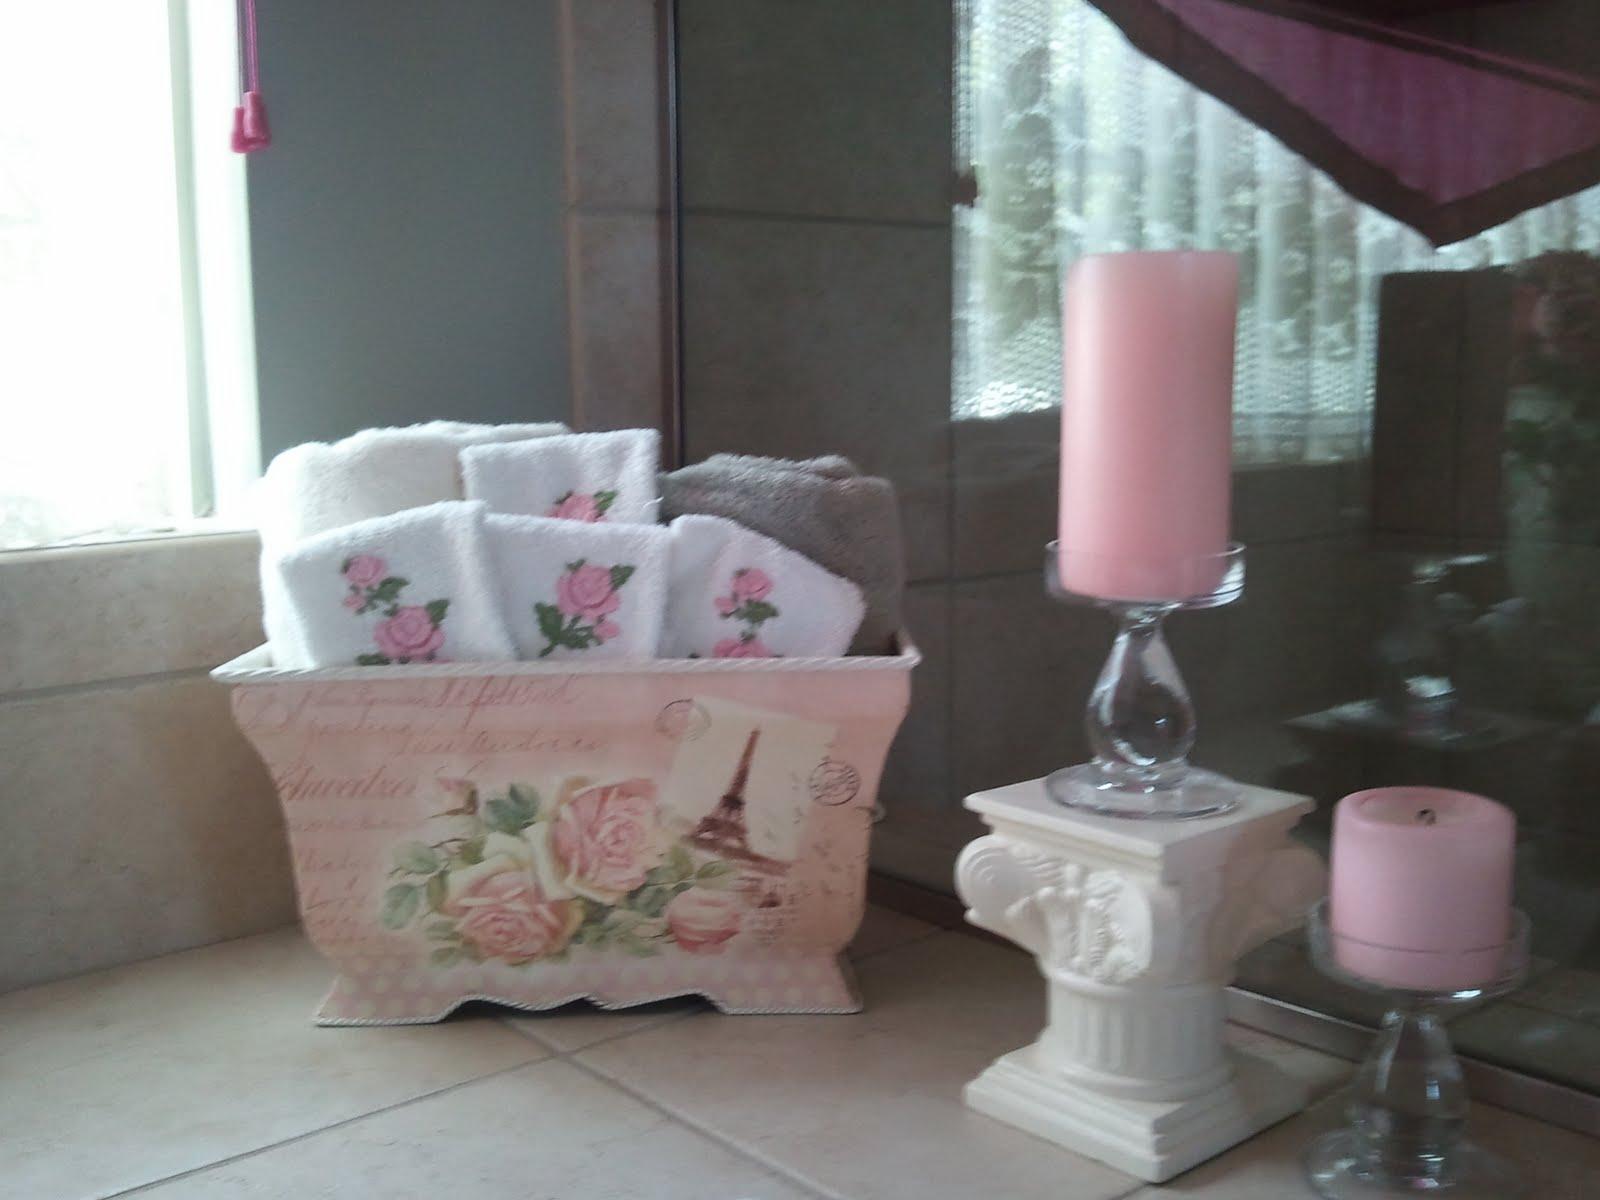 Loving All Things Romantic: THRIFTY BATHROOM DECOR